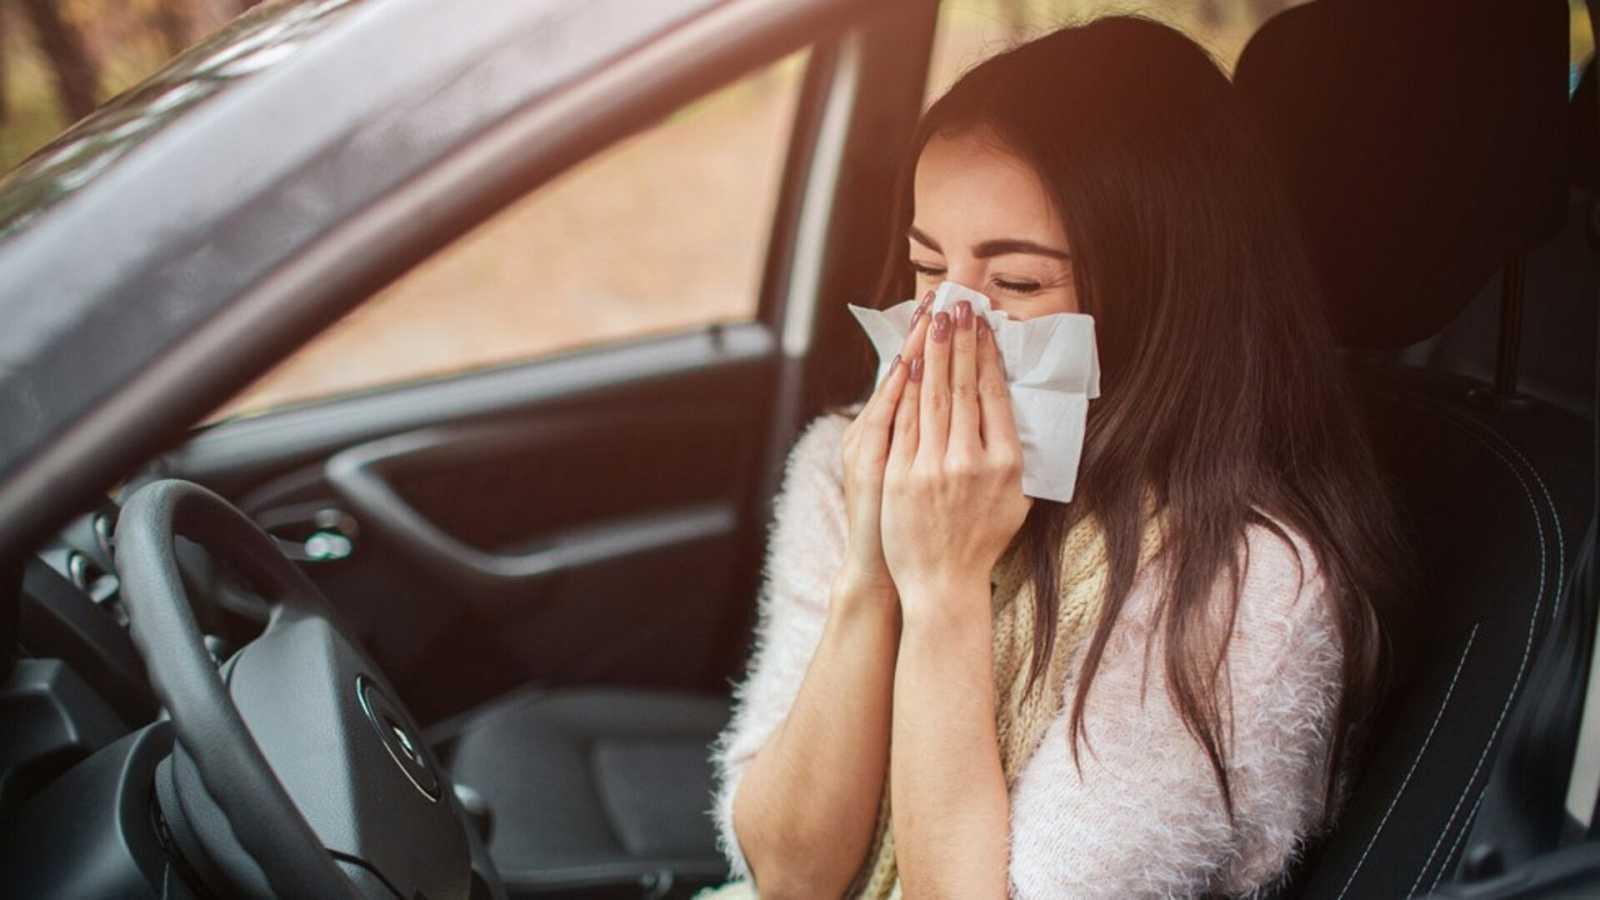 Más cerca - Mezcla peligrosa: Alergias, medicamentos, somnolencia y tráfico - Escuchar ahora